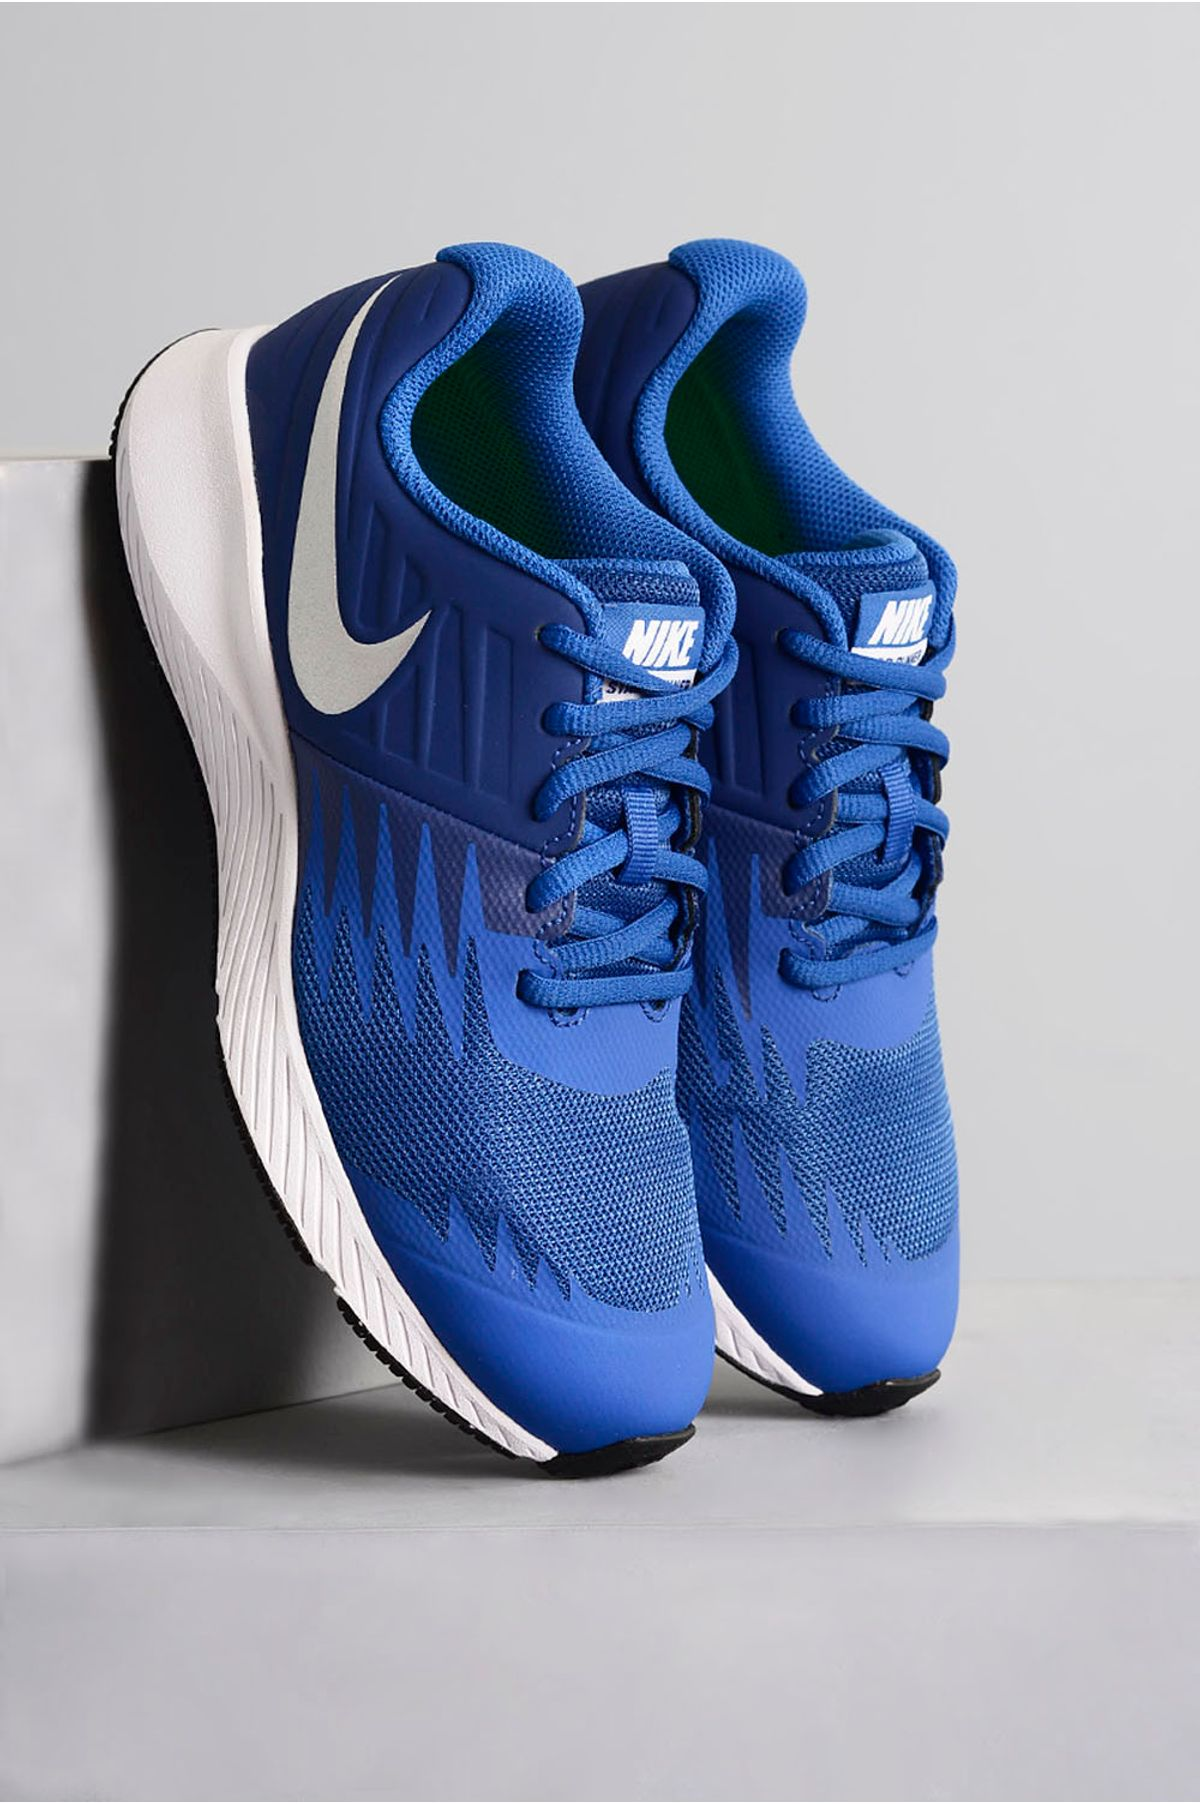 1b6457d217 Tênis Infantil Teen Nike Star Runner AZUL - Mundial Calçados